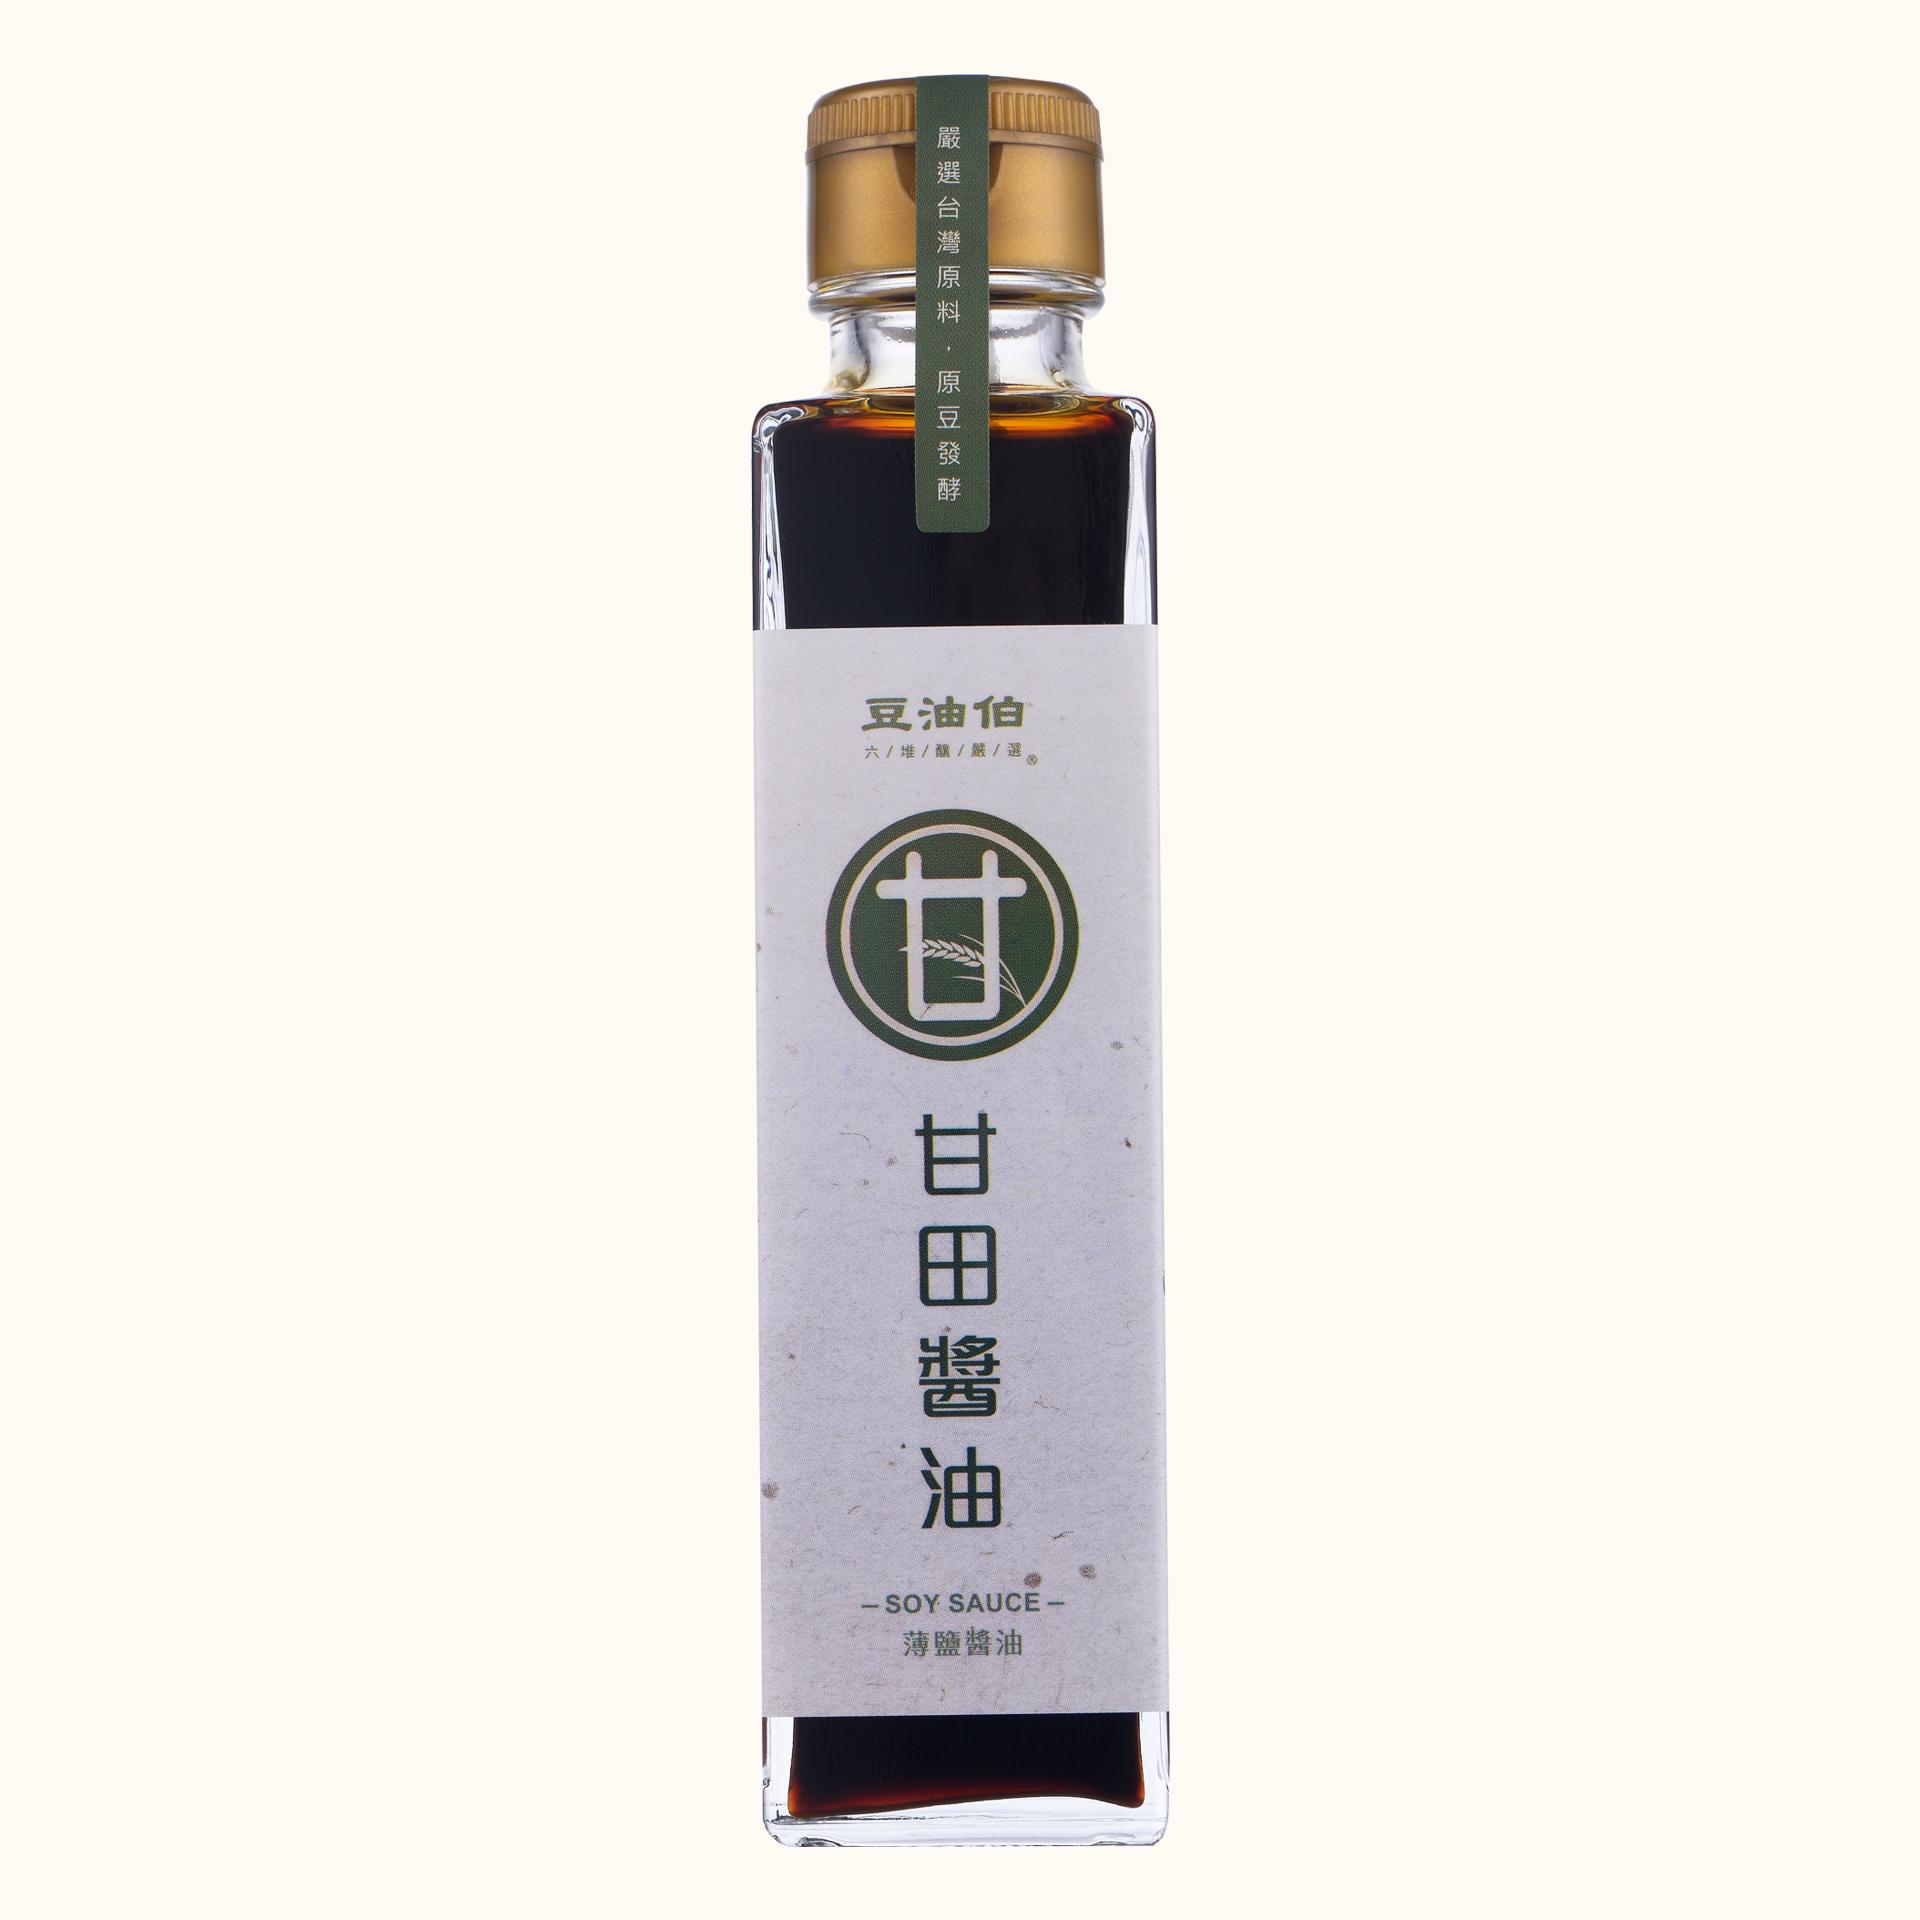 【短效品】甘田醬油(薄鹽)日式瓶150ml(有效20210222)